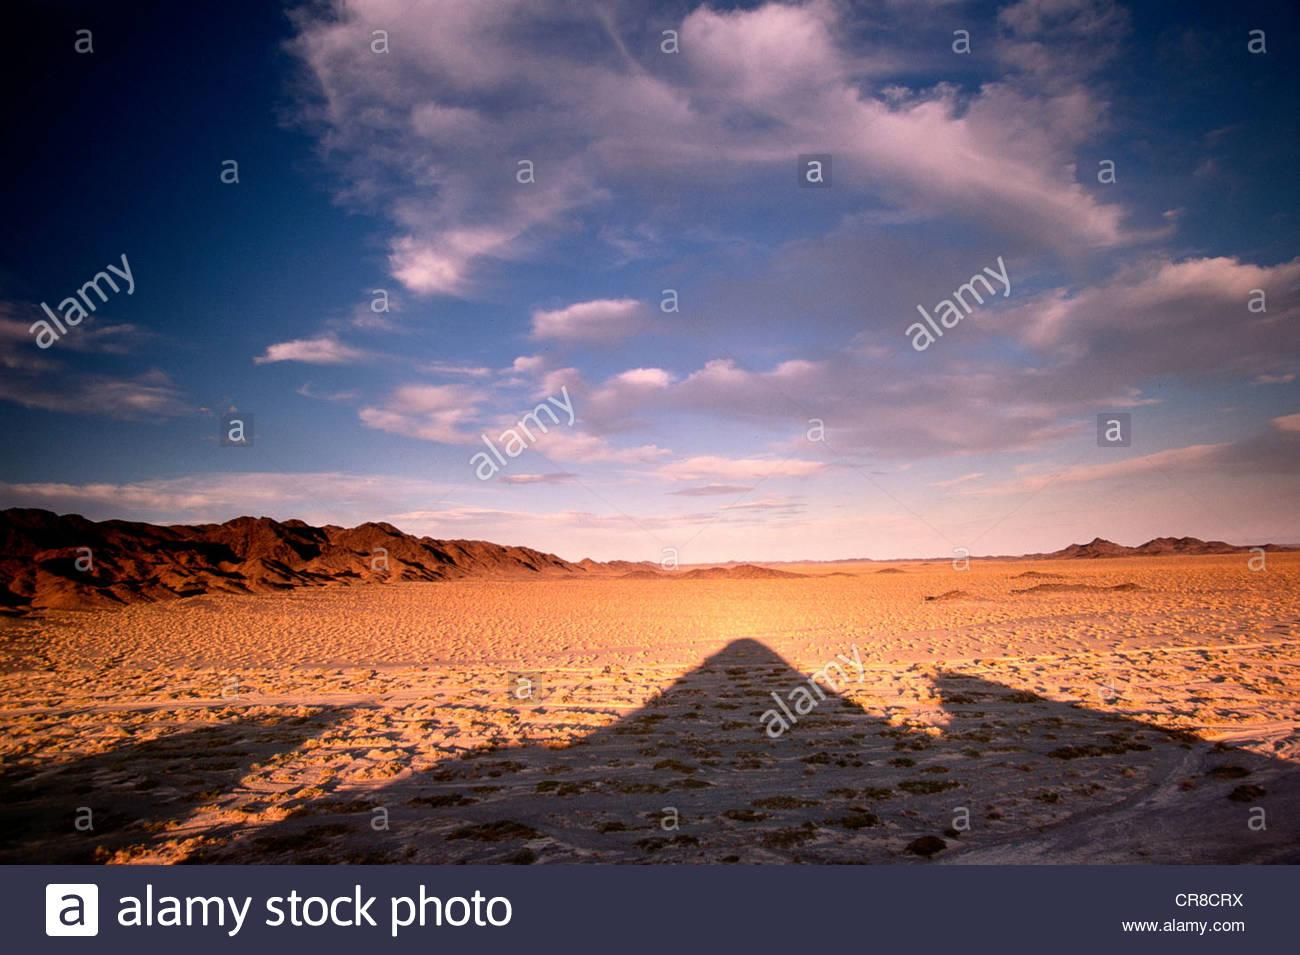 Die Sonne geht hinter den Bergen, die wiederum ihre langen auf das Tal Schatten, Mongolei. Stockbild